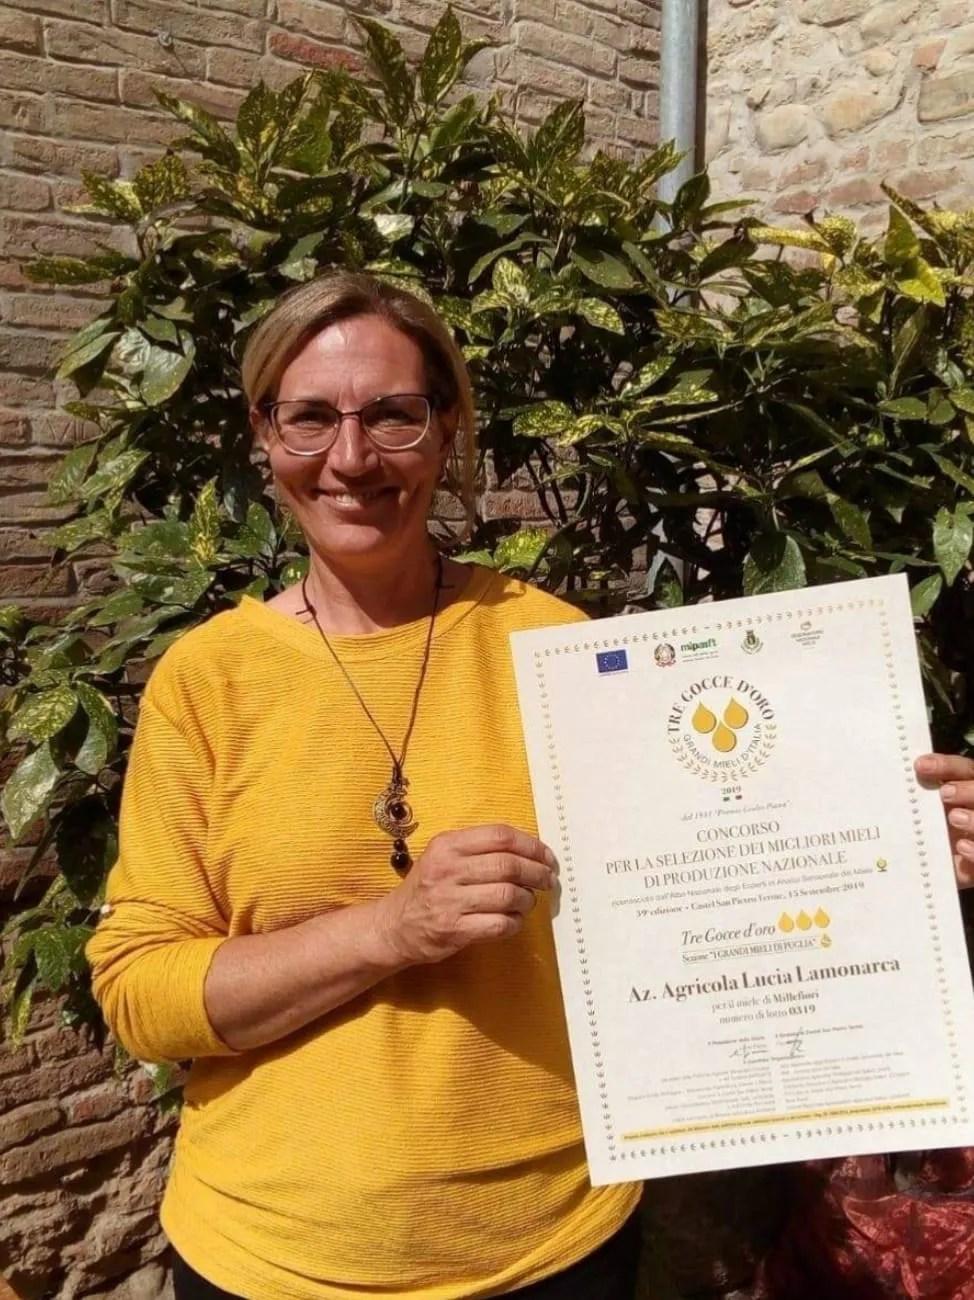 premio-gocce-oro-italia-ruvo-puglia-miele-agrumi-2020